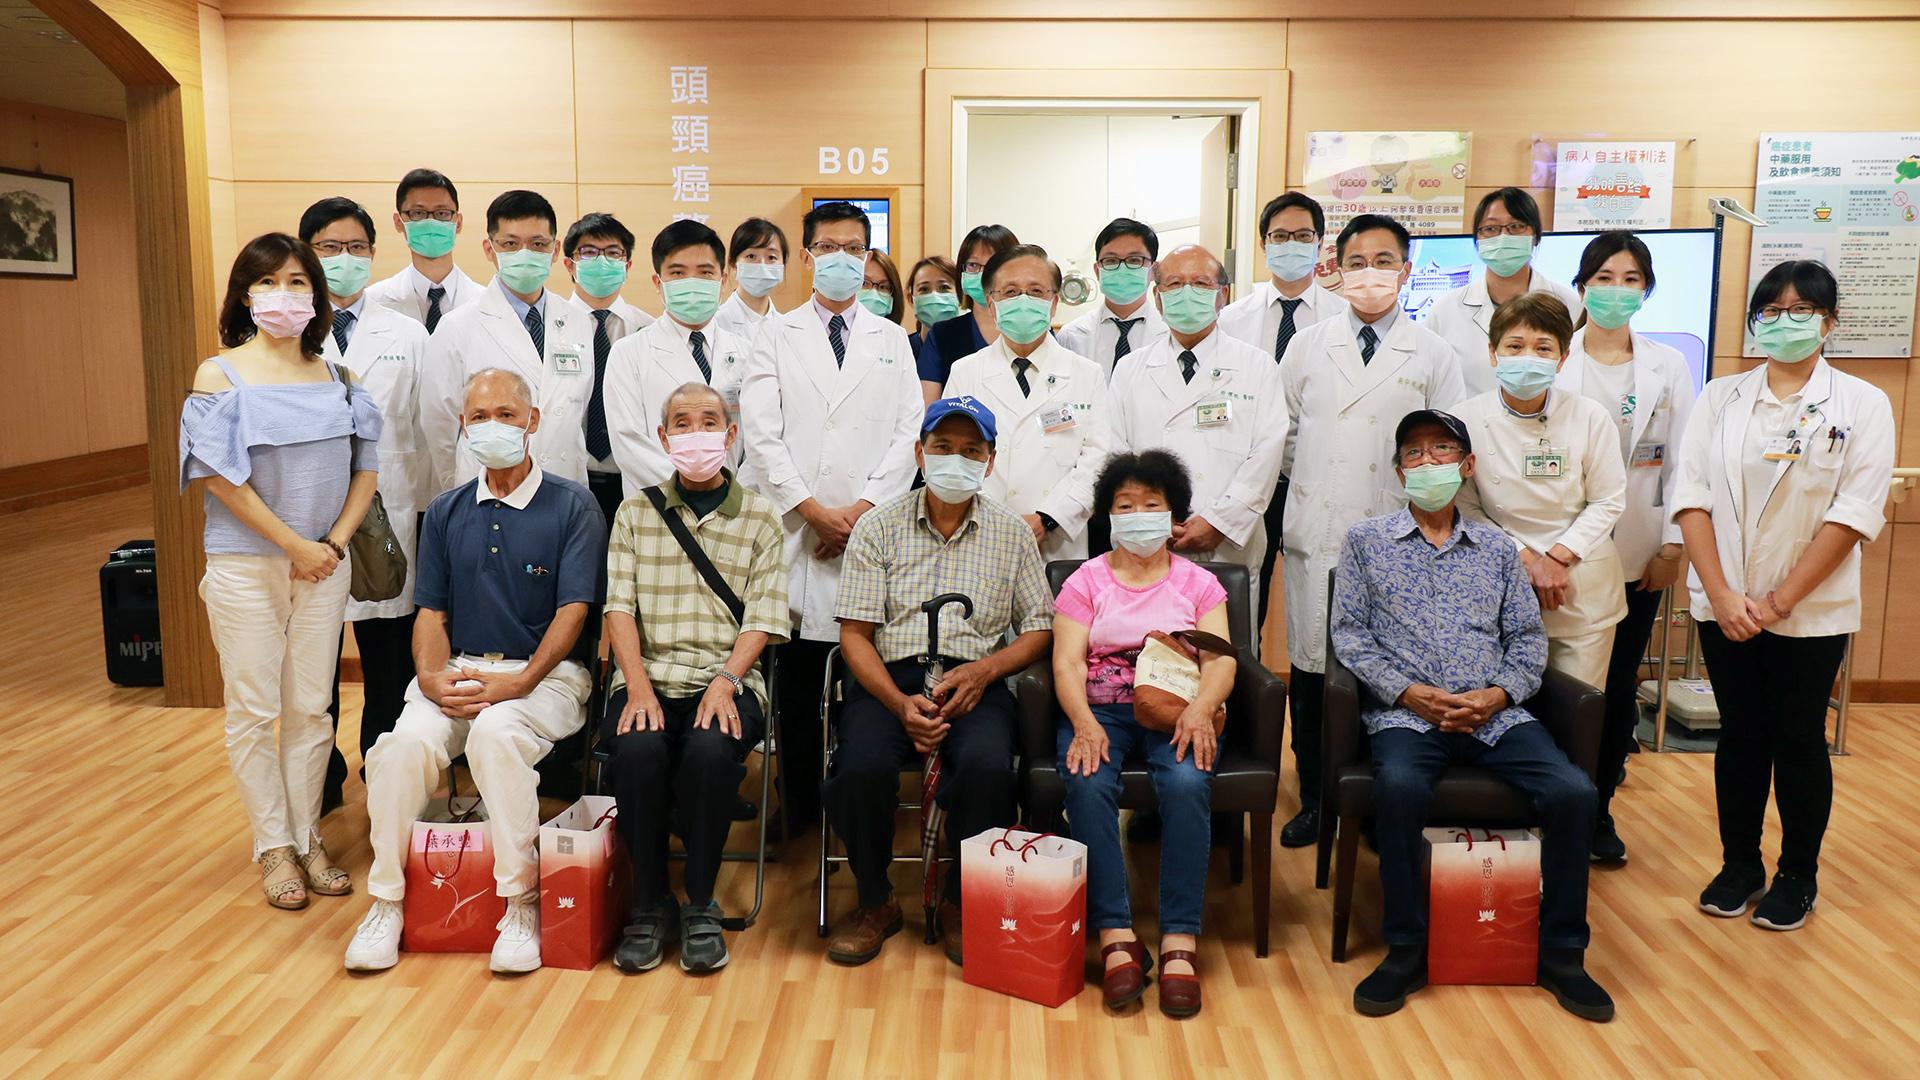 五位八十歲以上頭頸癌病人(第一排)受邀見證耳鼻喉科整合門診啟用,並與團隊合影。